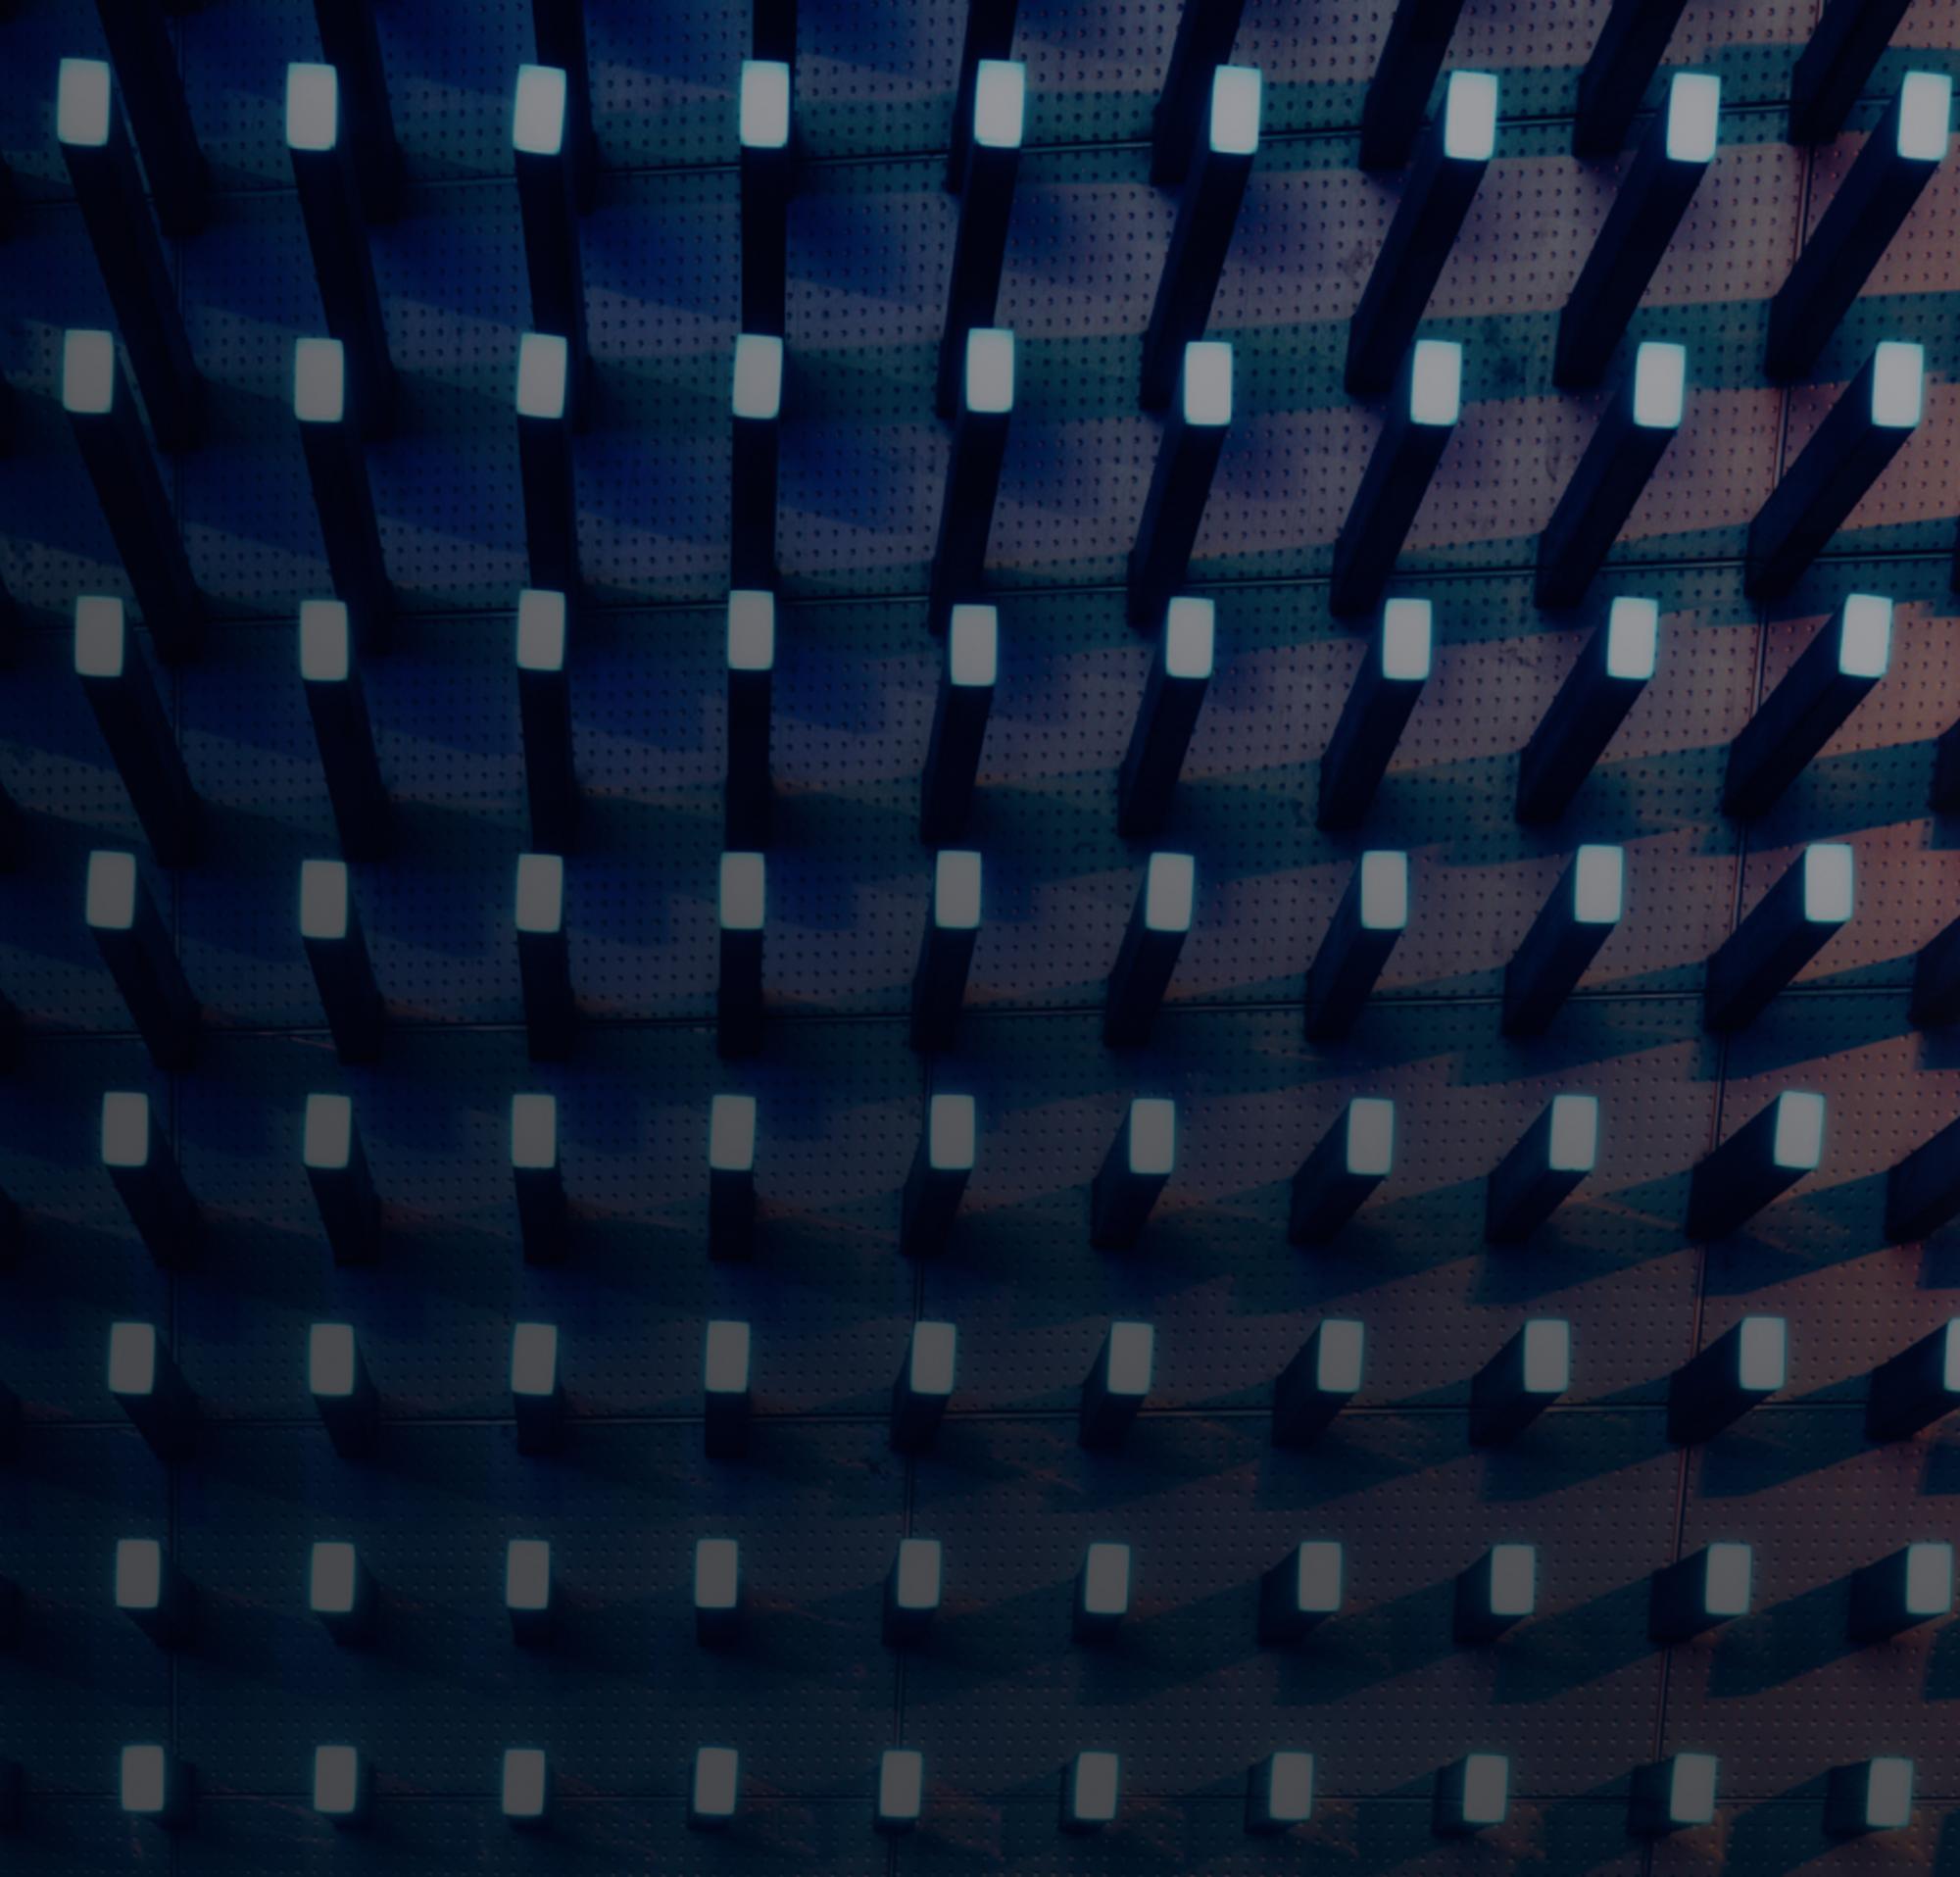 Pinos em uma placa de etiqueta em iluminação escura.